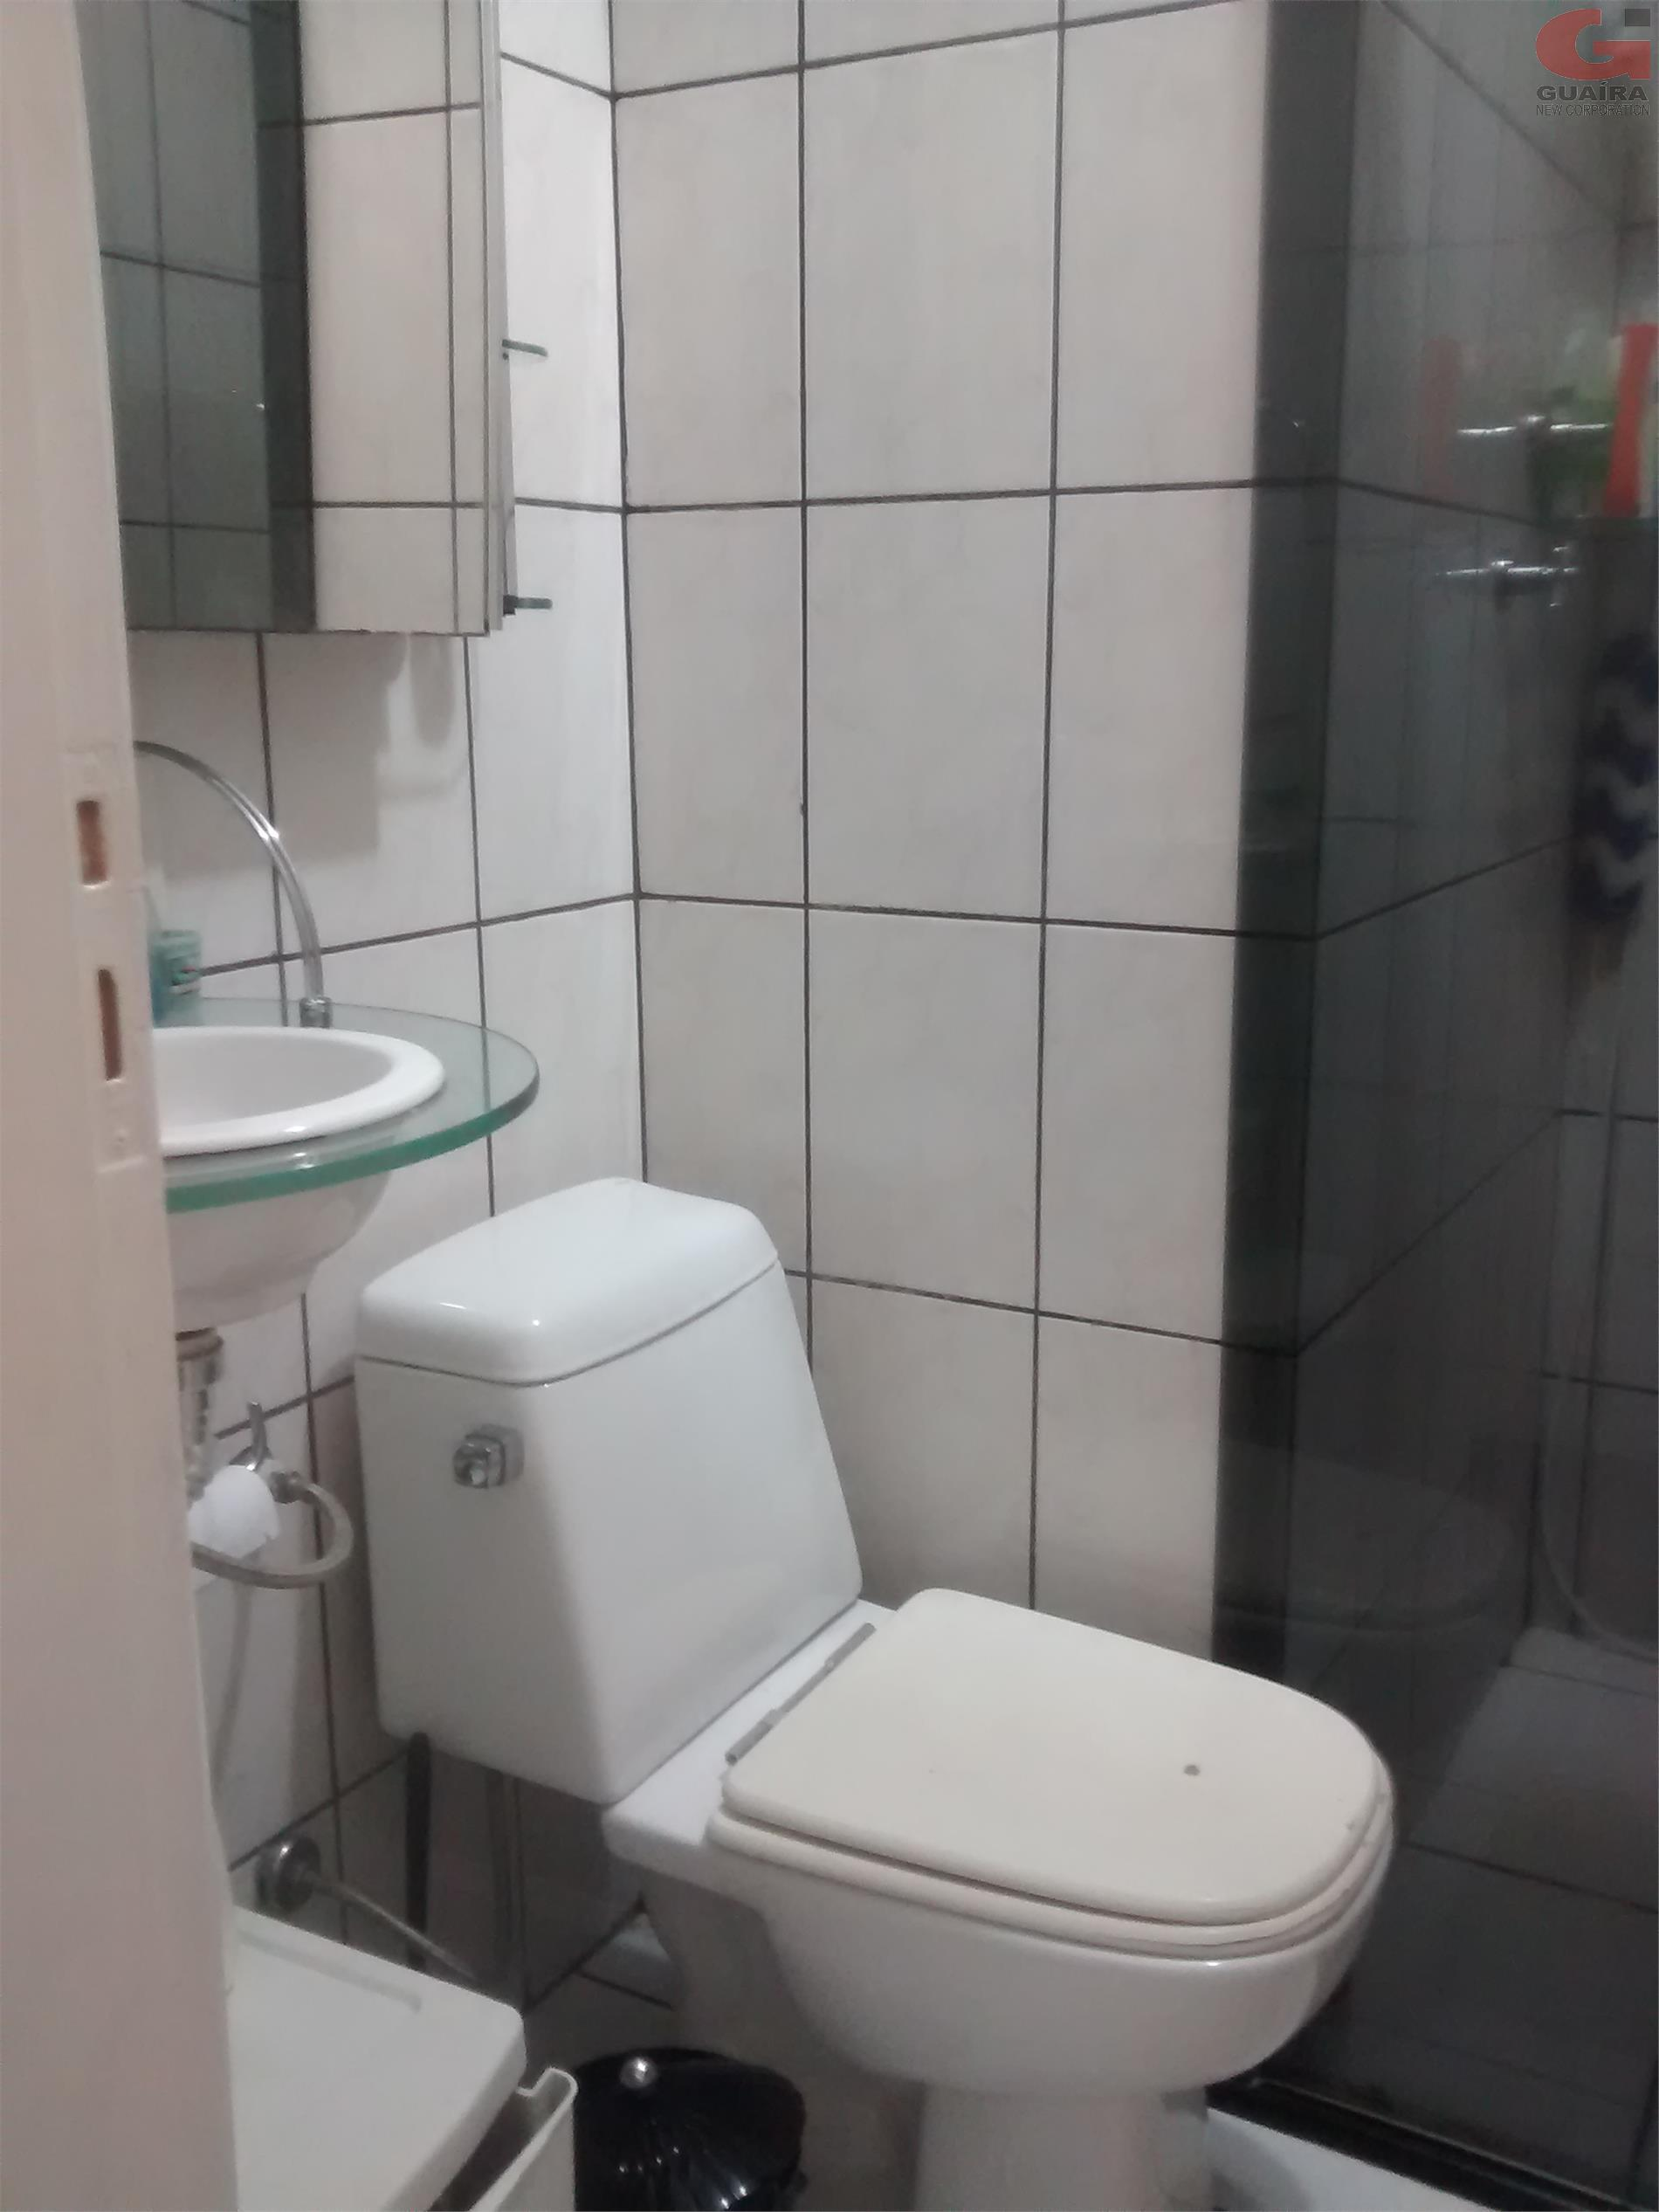 Sobrado de 2 dormitórios à venda em Paulicéia, São Bernardo Do Campo - SP